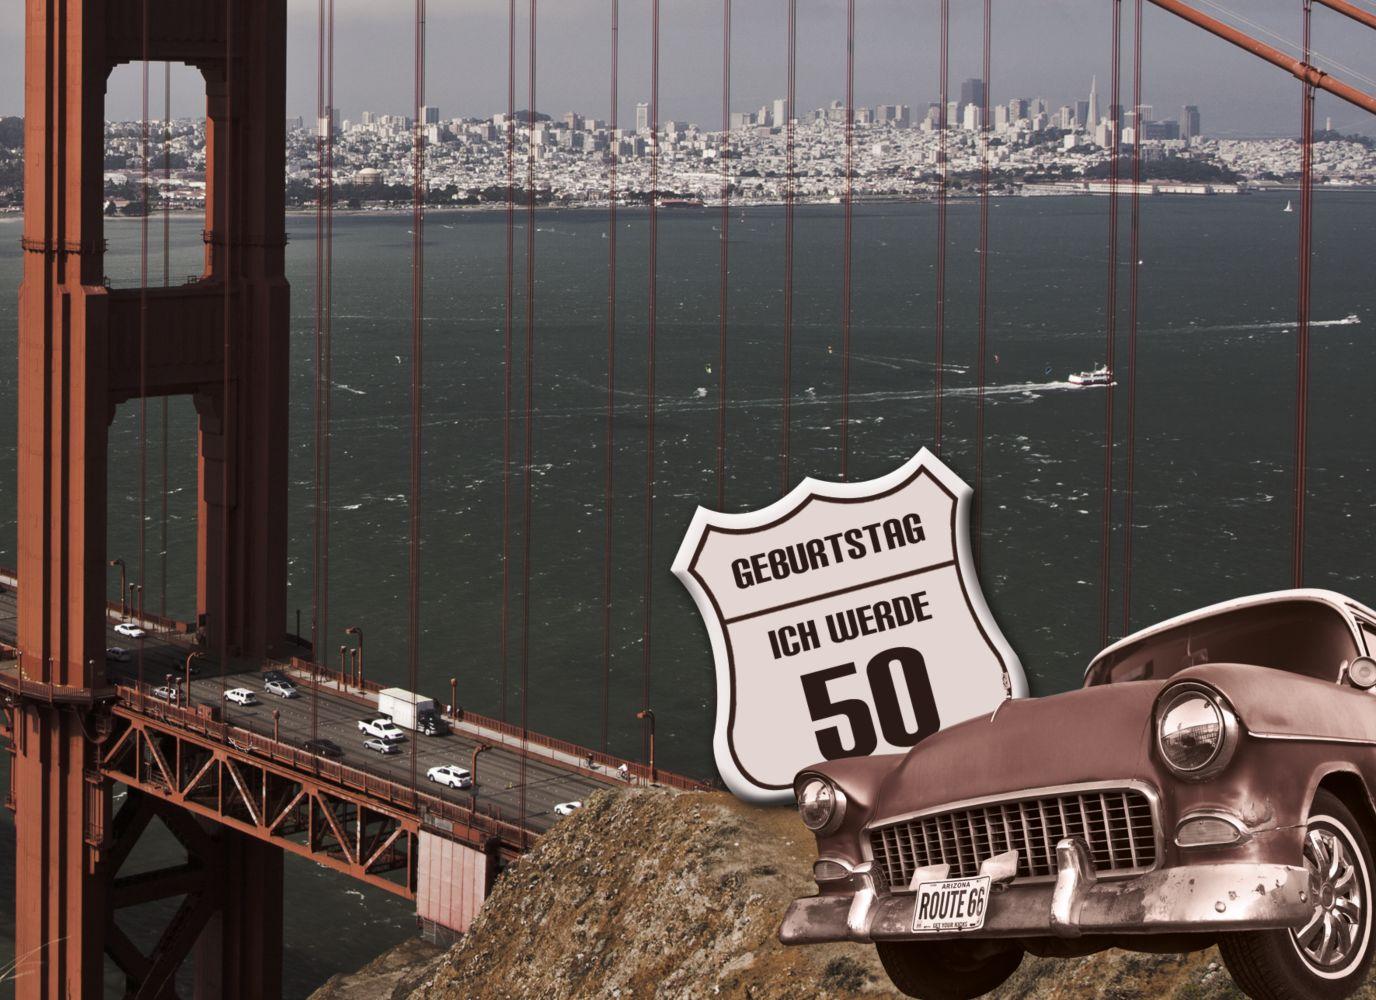 Ansicht 3 - Geburtstagskarte old bridge 50